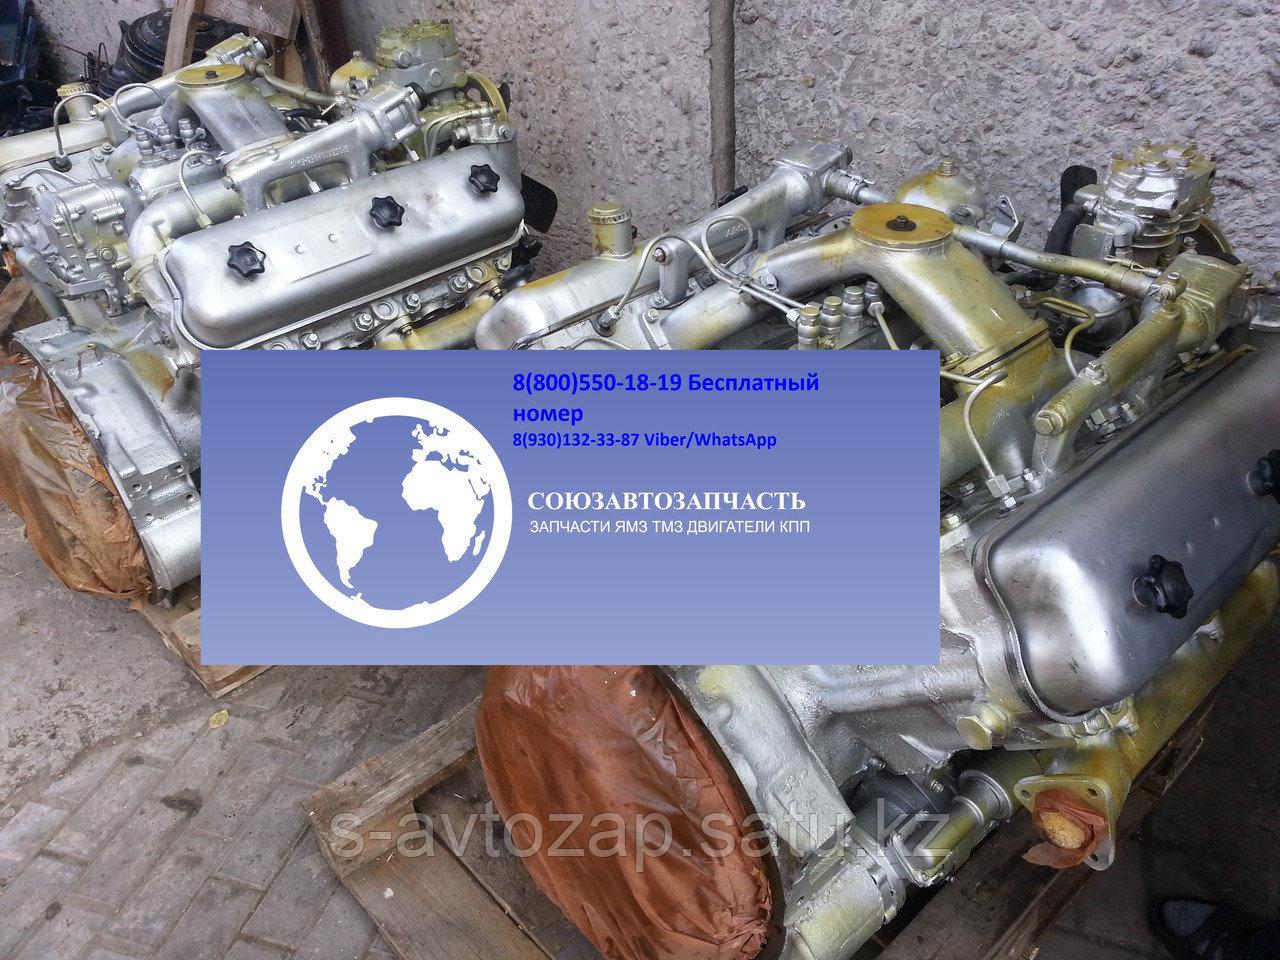 Капитальный ремонт двигателя ЯМЗ 236Д-1000186